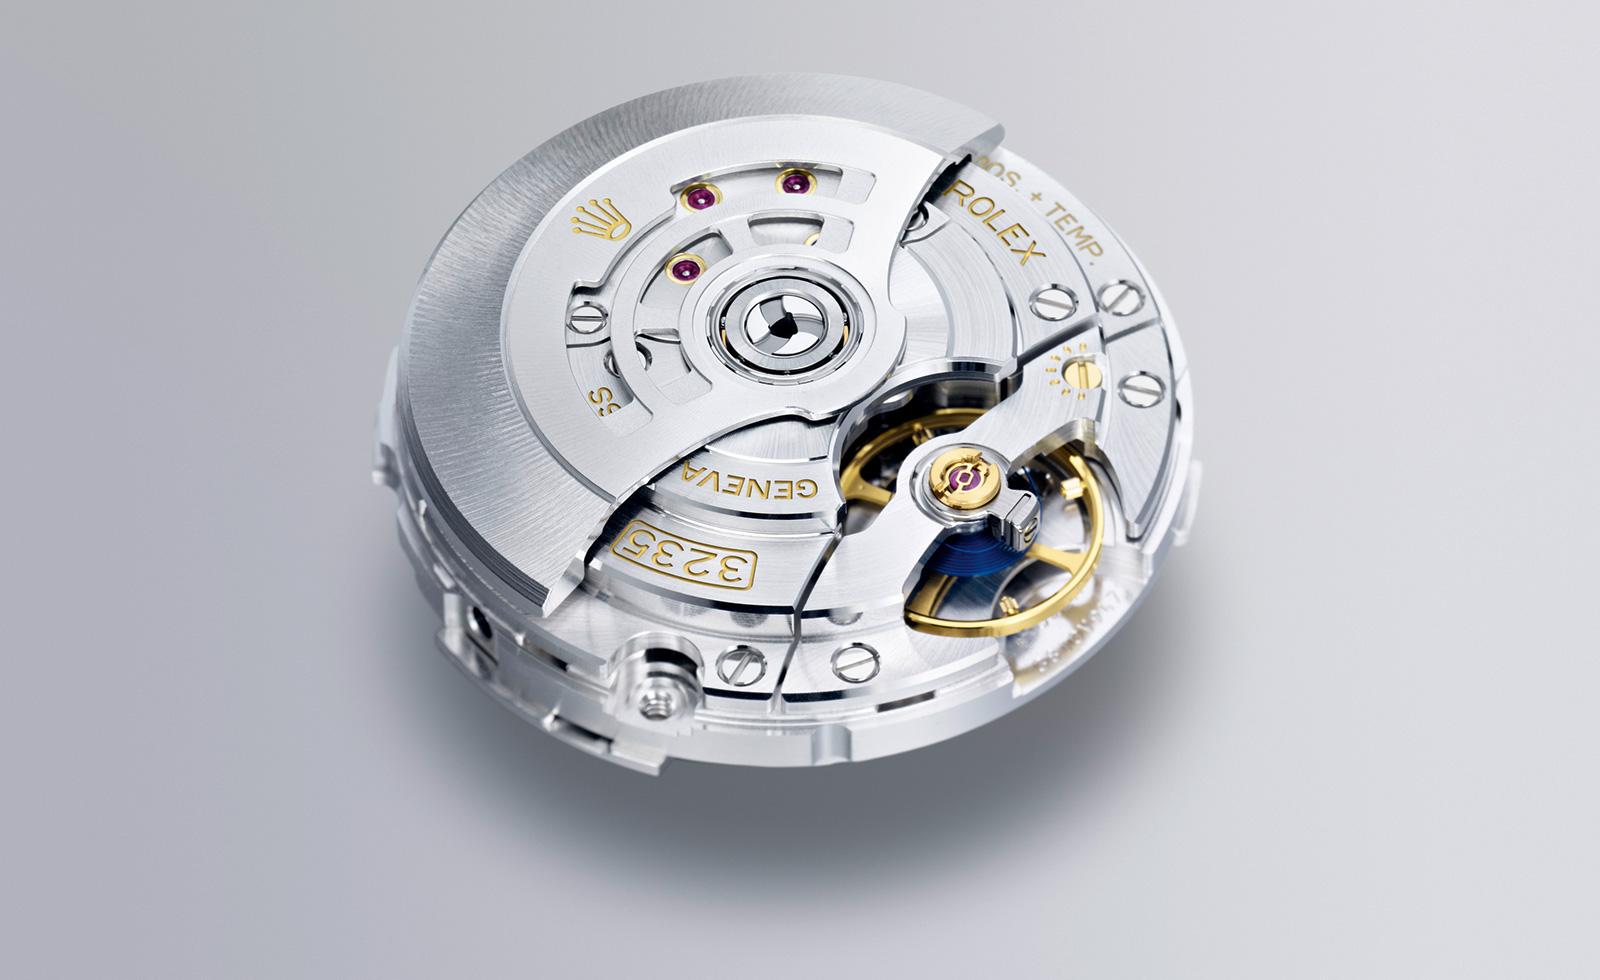 Naziv: Rolex-cal.-3235.jpg, pregleda: 519, veličina: 276,4 KB